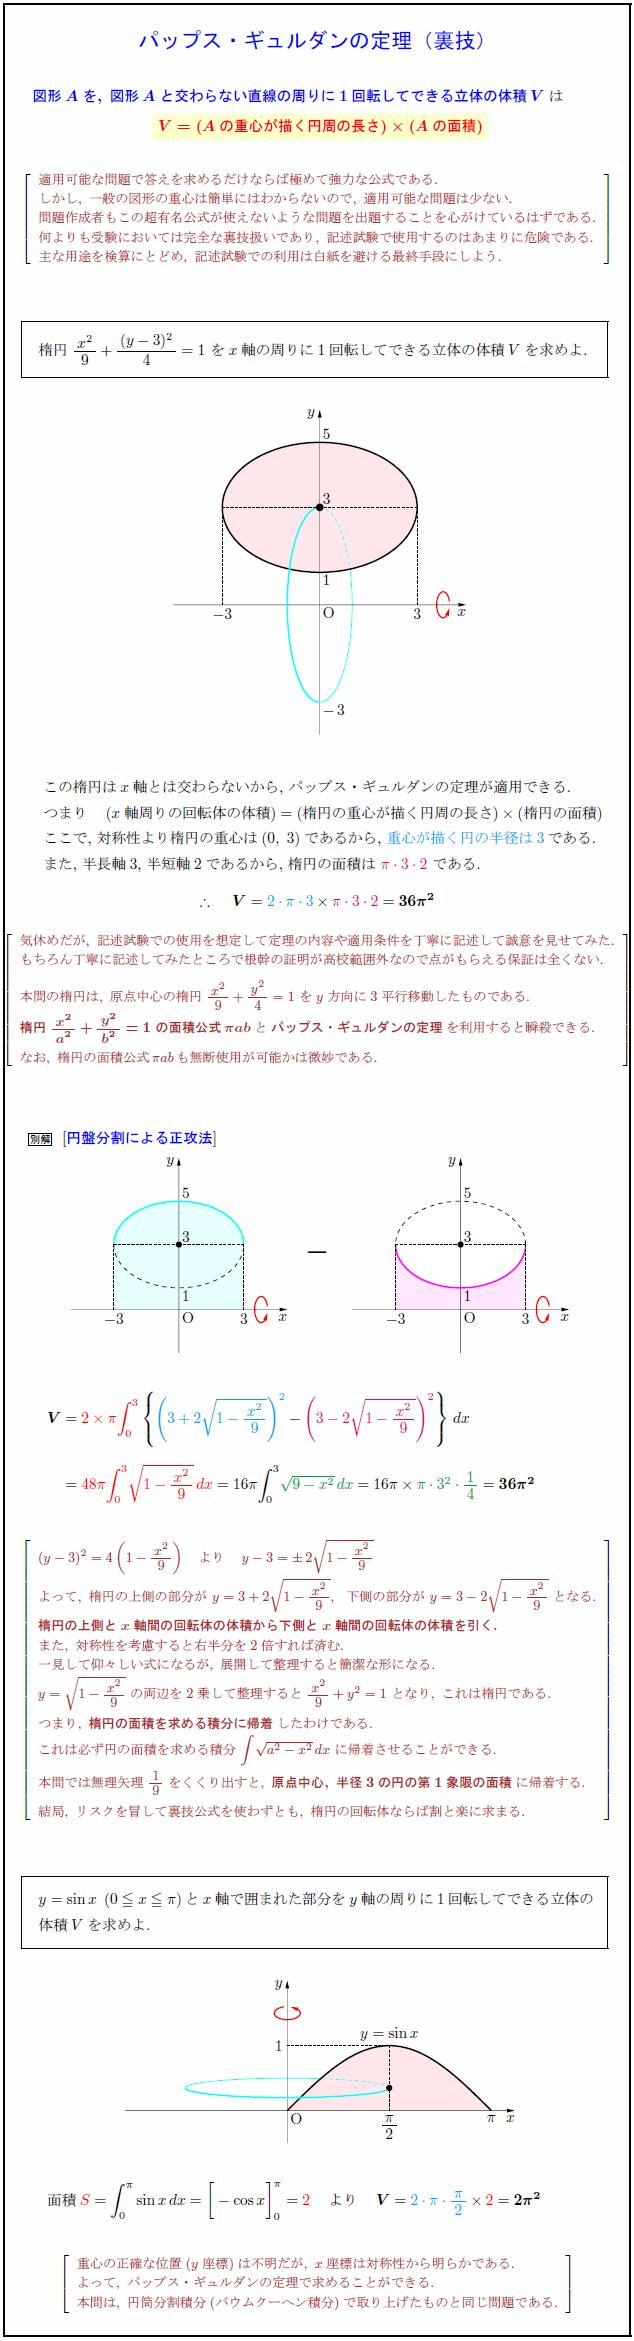 pappus-guldinus-theorem